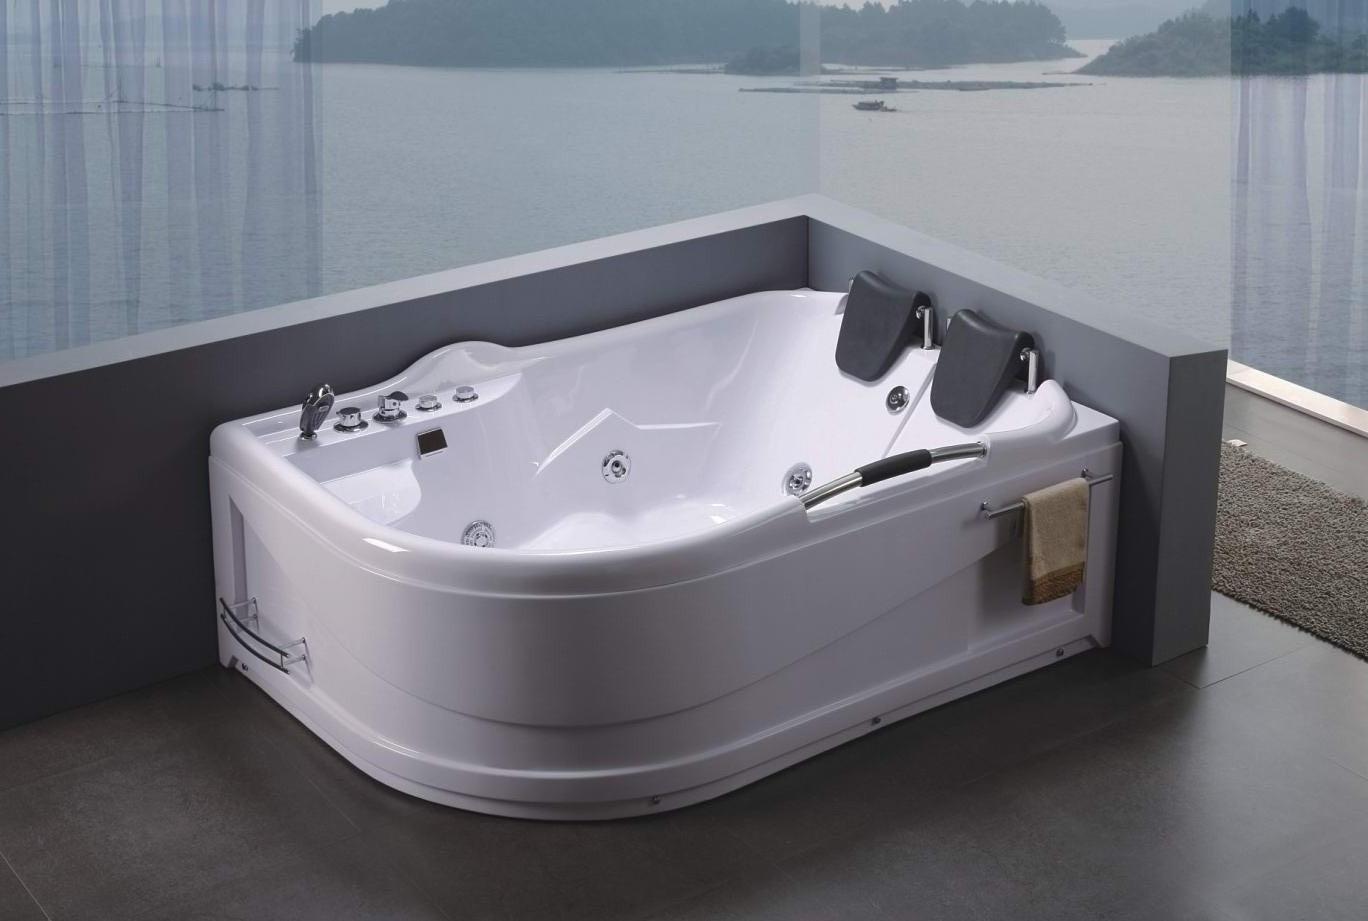 Jacuzzi In De Badkamer ~ Whirlpools zorgen voor luxe in de badkamer